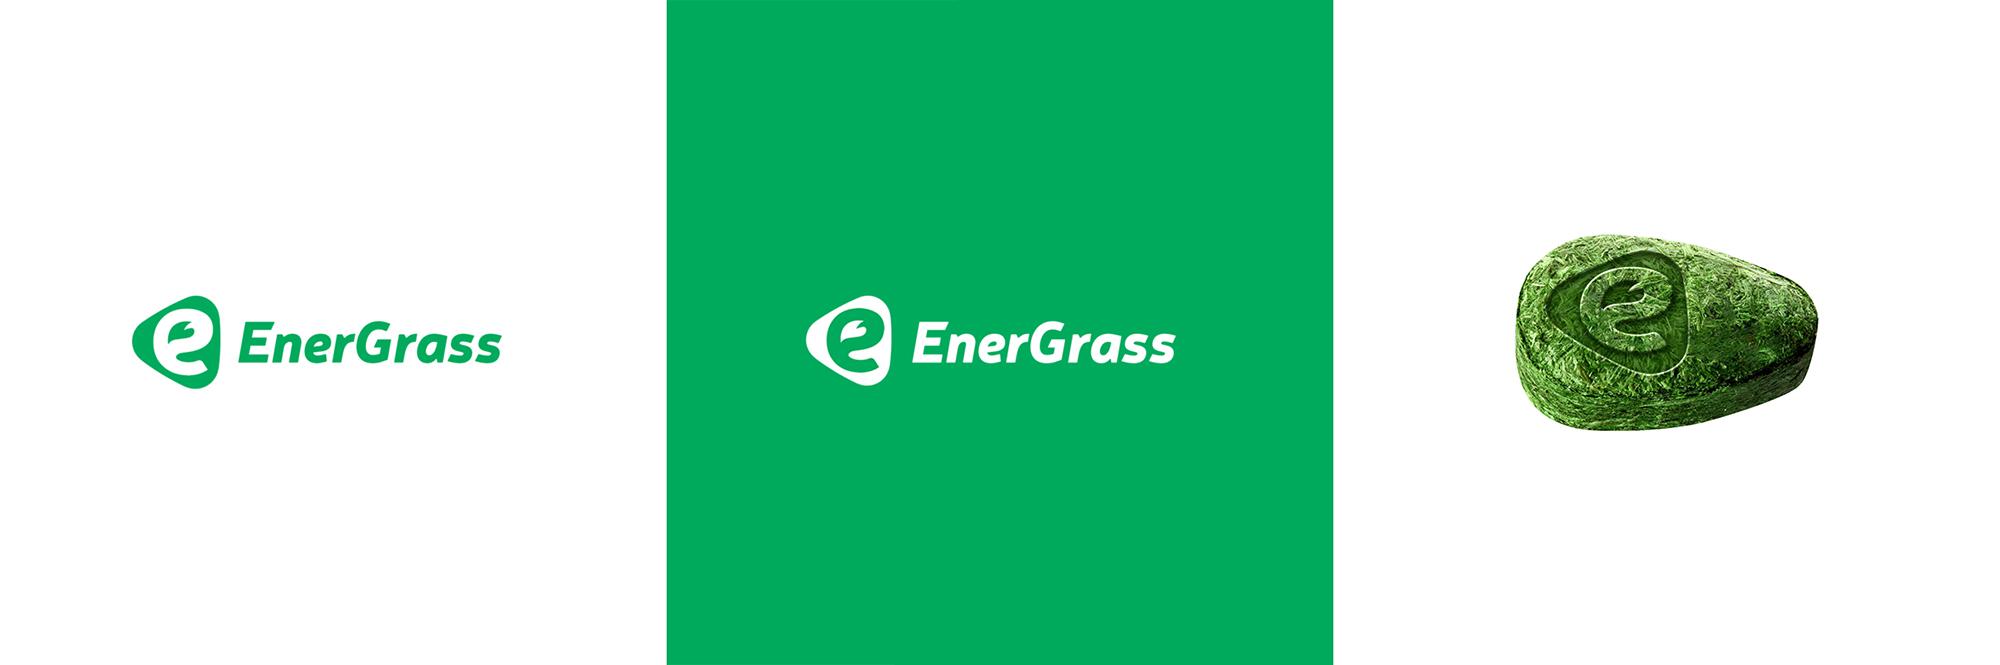 Графический дизайнер для создания логотипа Energrass. фото f_1835f8ecef37f9ba.jpg